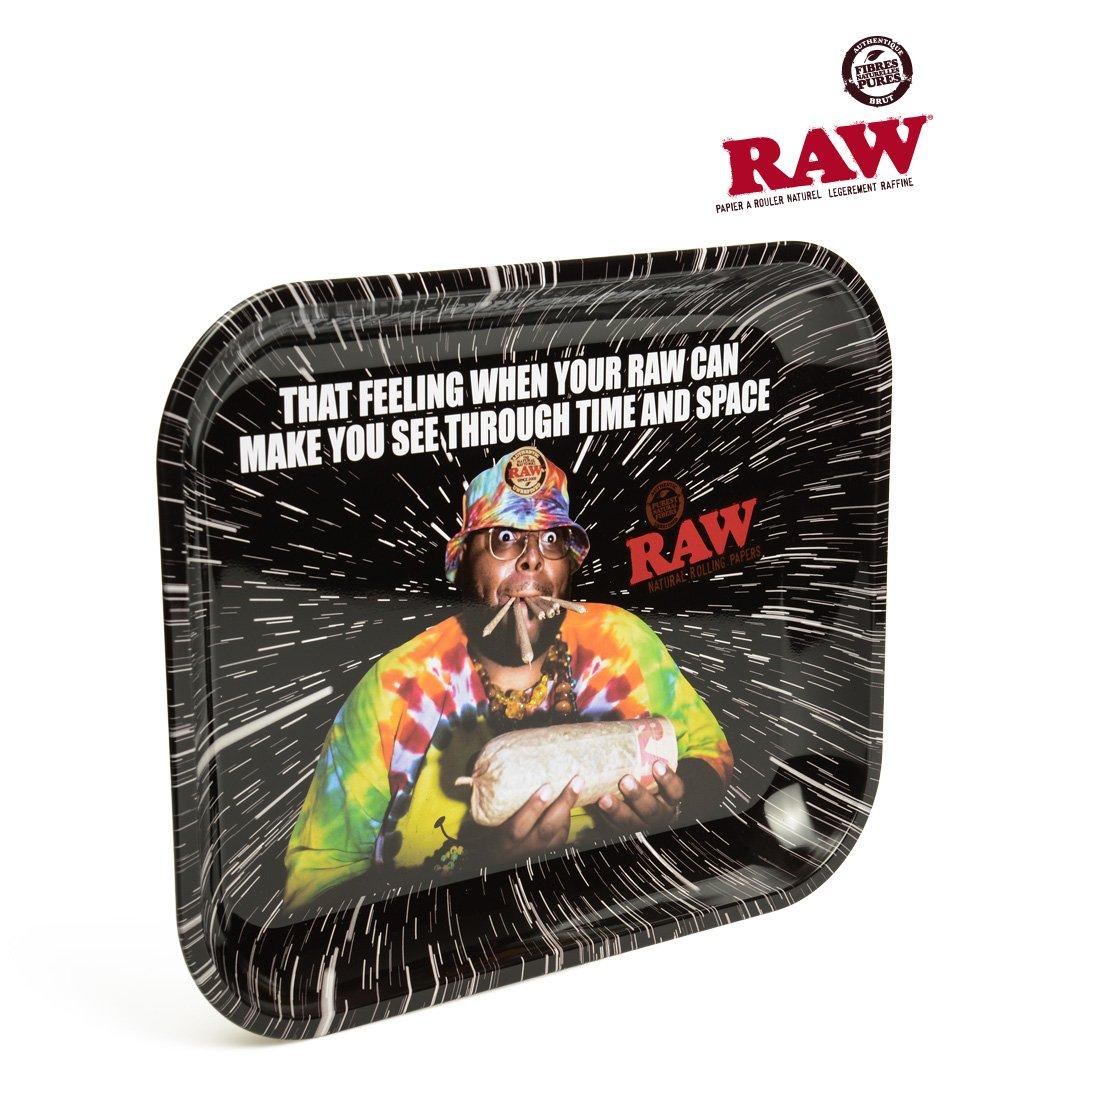 Raw 'Oops' Metall-Tablett zum Drehen von Zigaretten, groß , 28 x 34 cm, mit Zertifikat